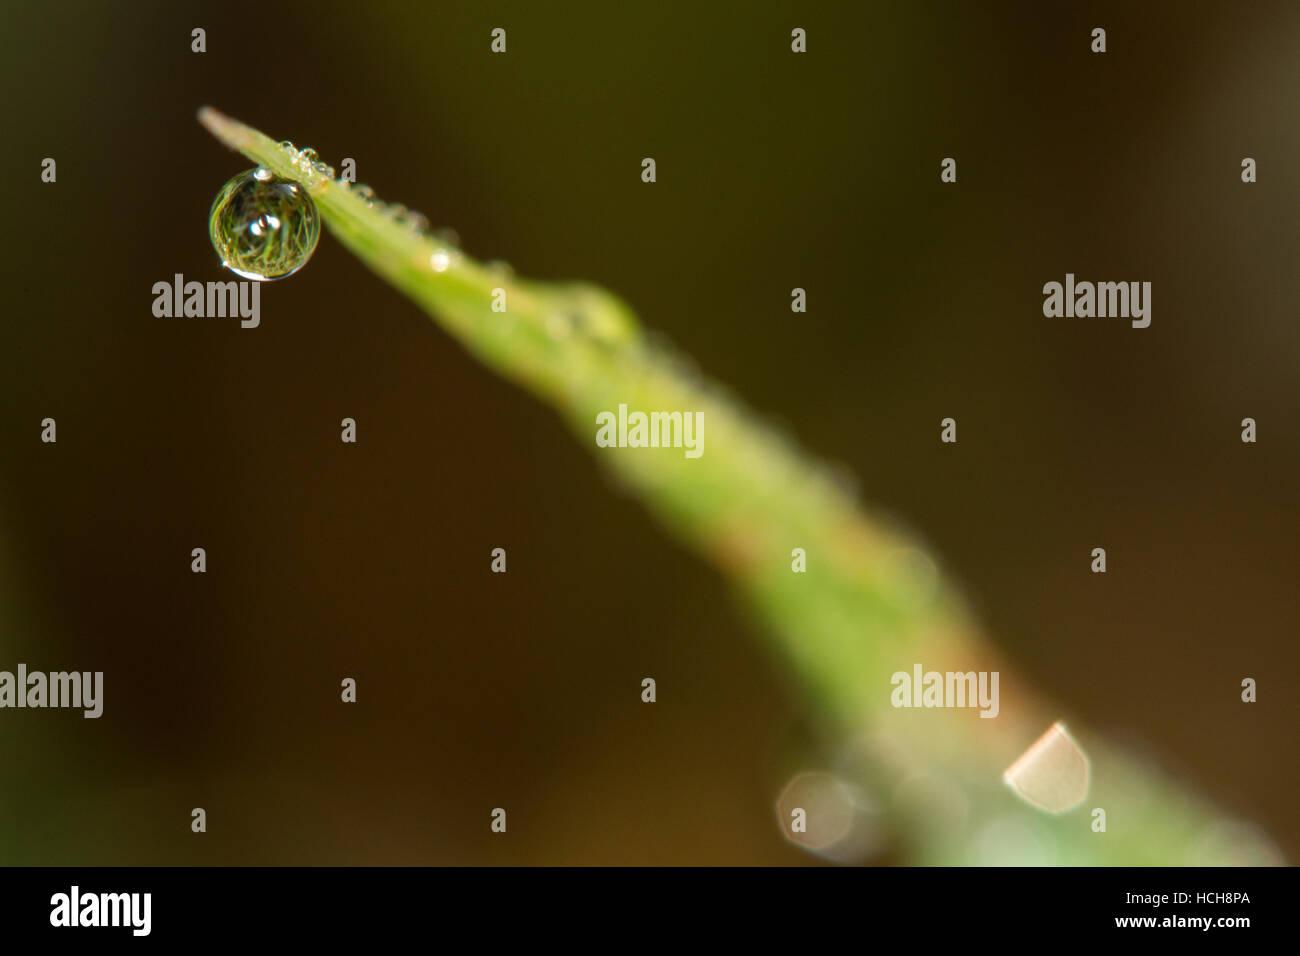 La réfraction de l'herbe dans la masse autour de goutte d'eau suspendue à un seul brin d'herbe Photo Stock